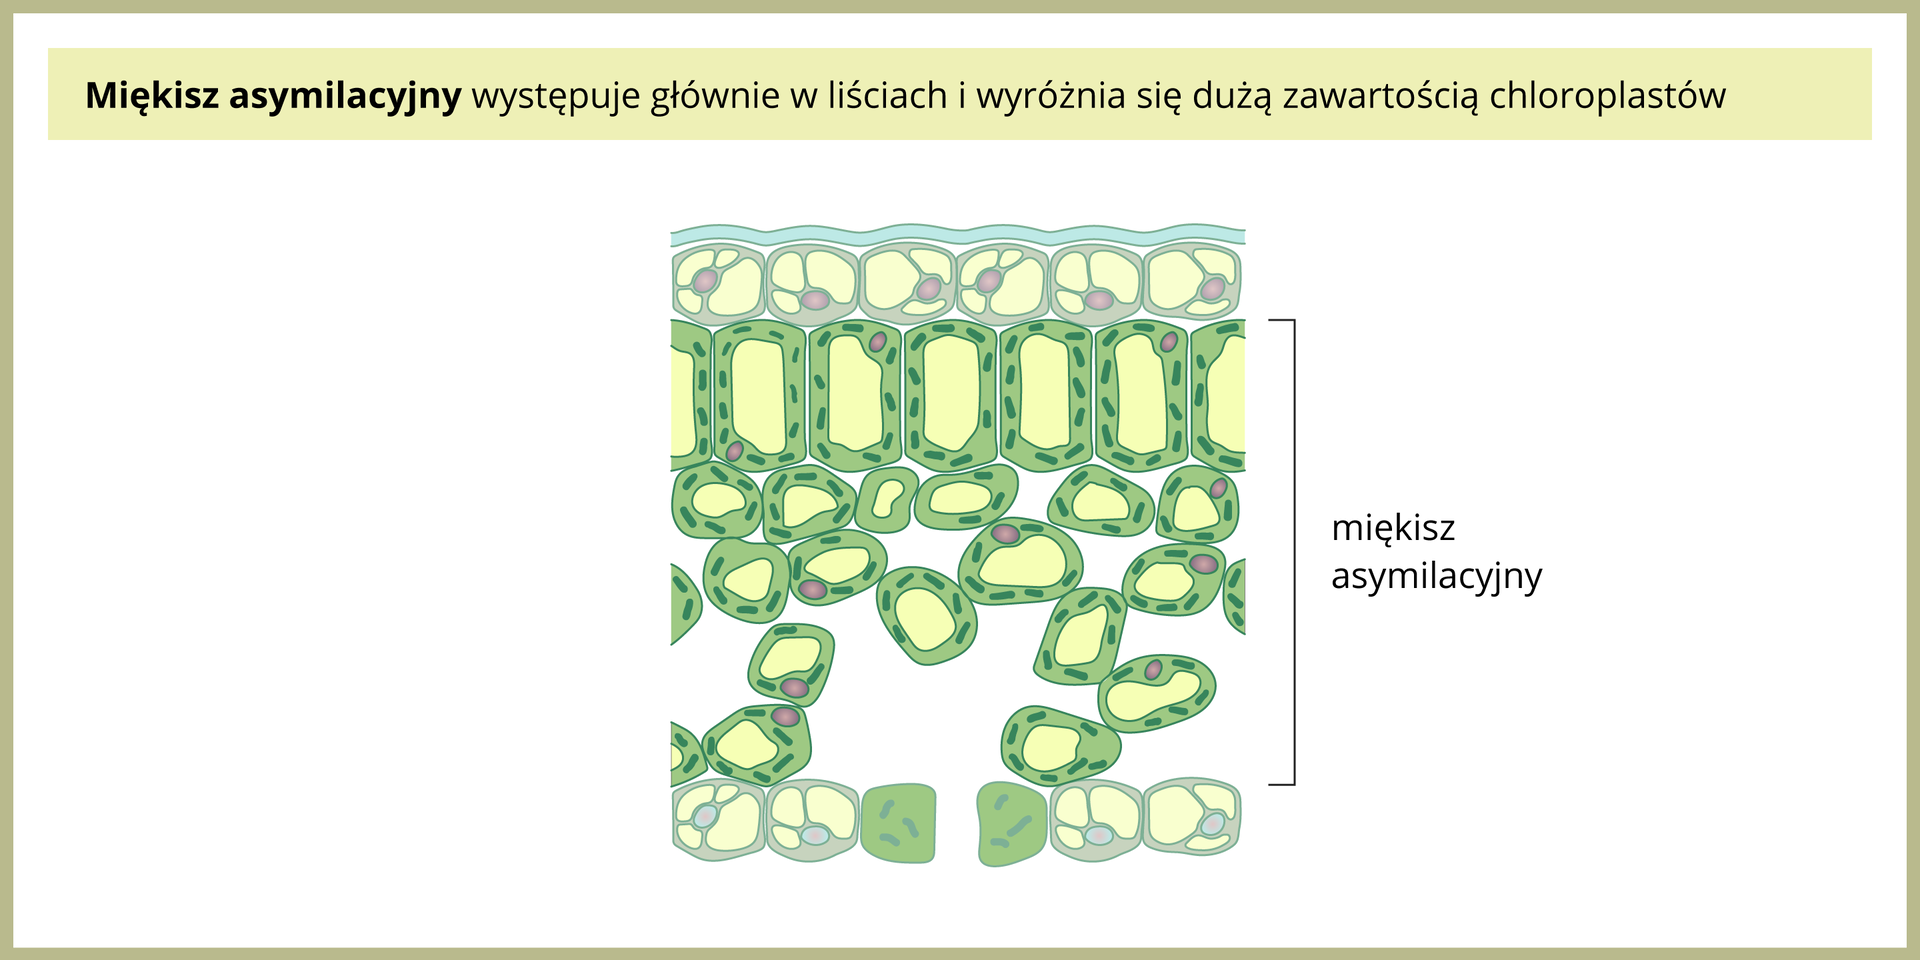 Ilustracja po lewej przedstawia zielony miękisz asymilacyjny na przekroju przez liść. Ugóry iudołu liścia znajdują się komórki skórki ogrubych ścianach. Miedzy nimi znajdują się podłużne, ściśle ułożone obok siebie komórki miękiszu, apod nimi mniejsze, luźniej ułożone. Wtych komórkach jest wiele chloroplastów.